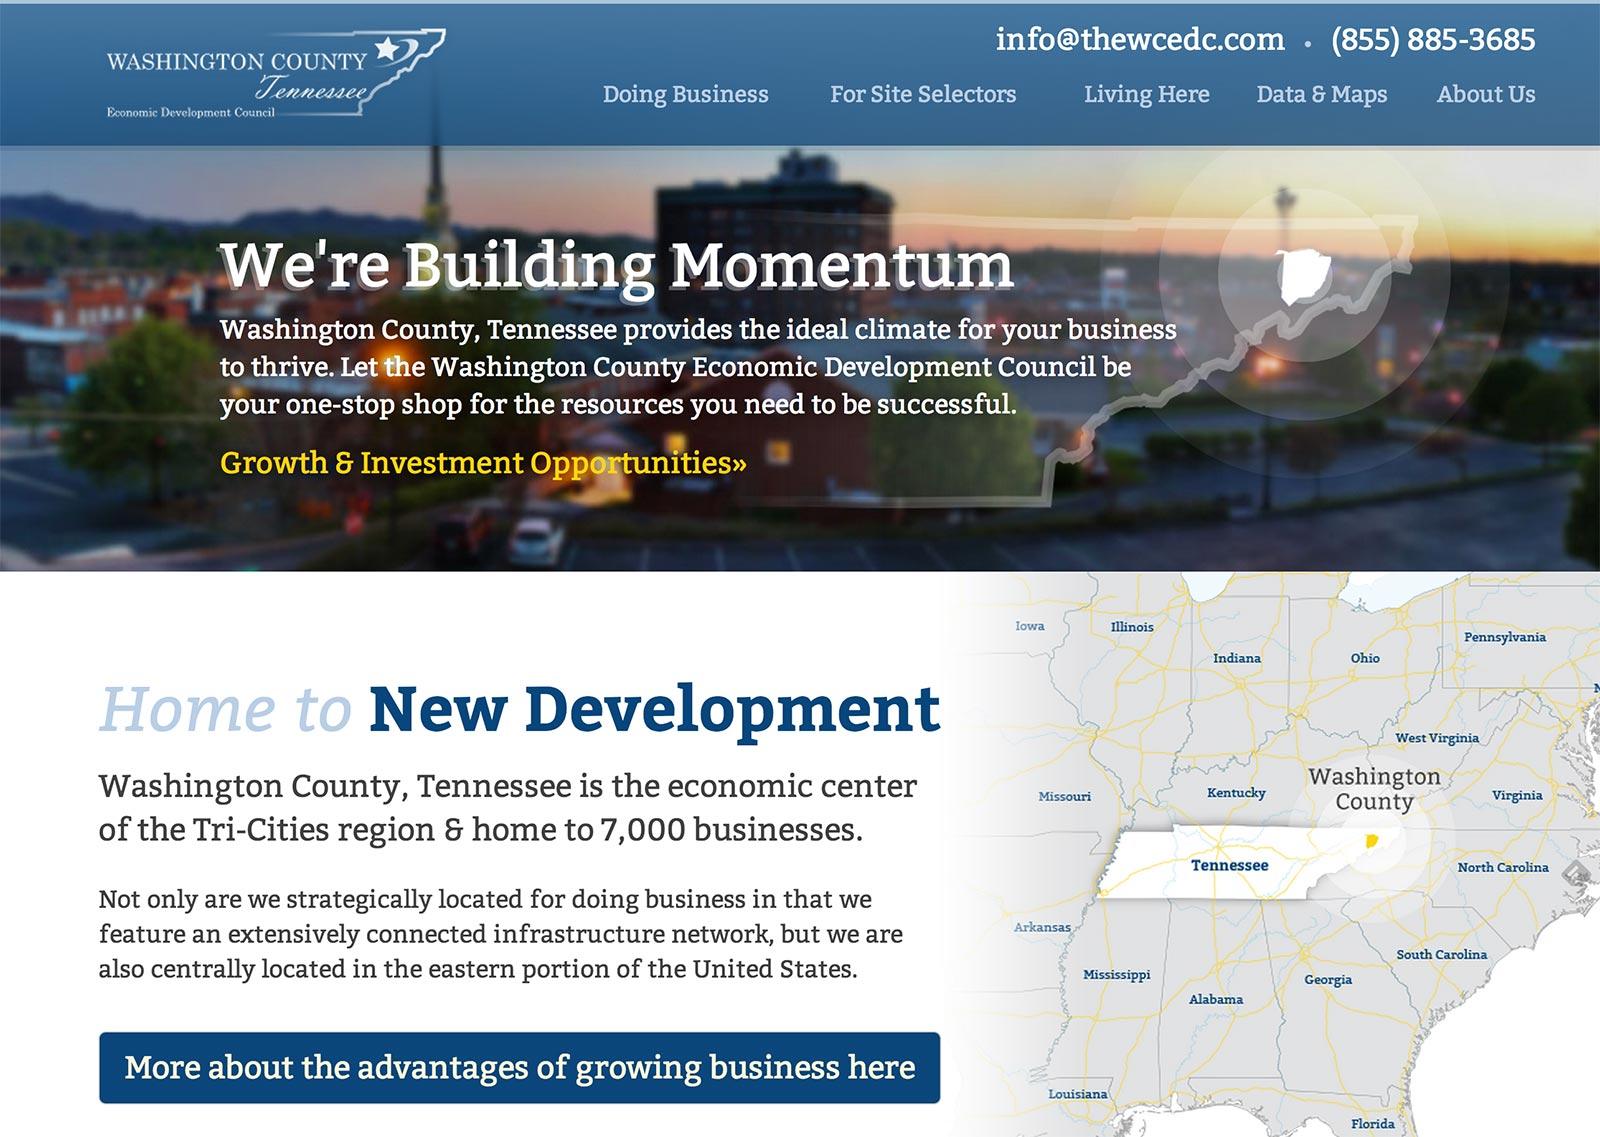 Washington County Economic Development Council Website Launches